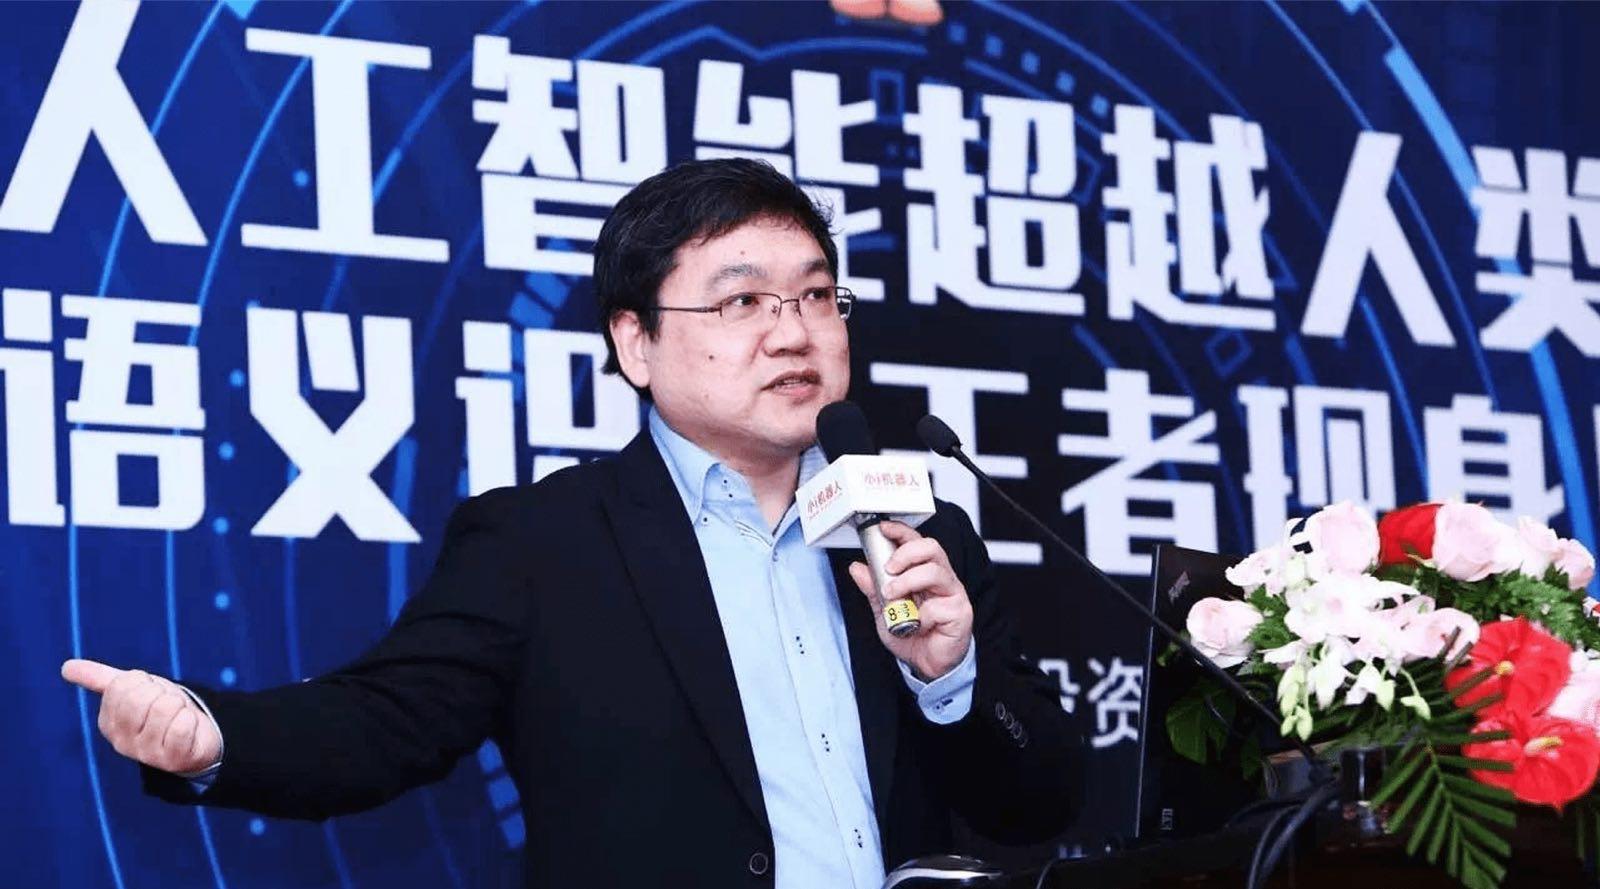 小i机器人CEO朱频频:今年转盈 将启动D轮融资